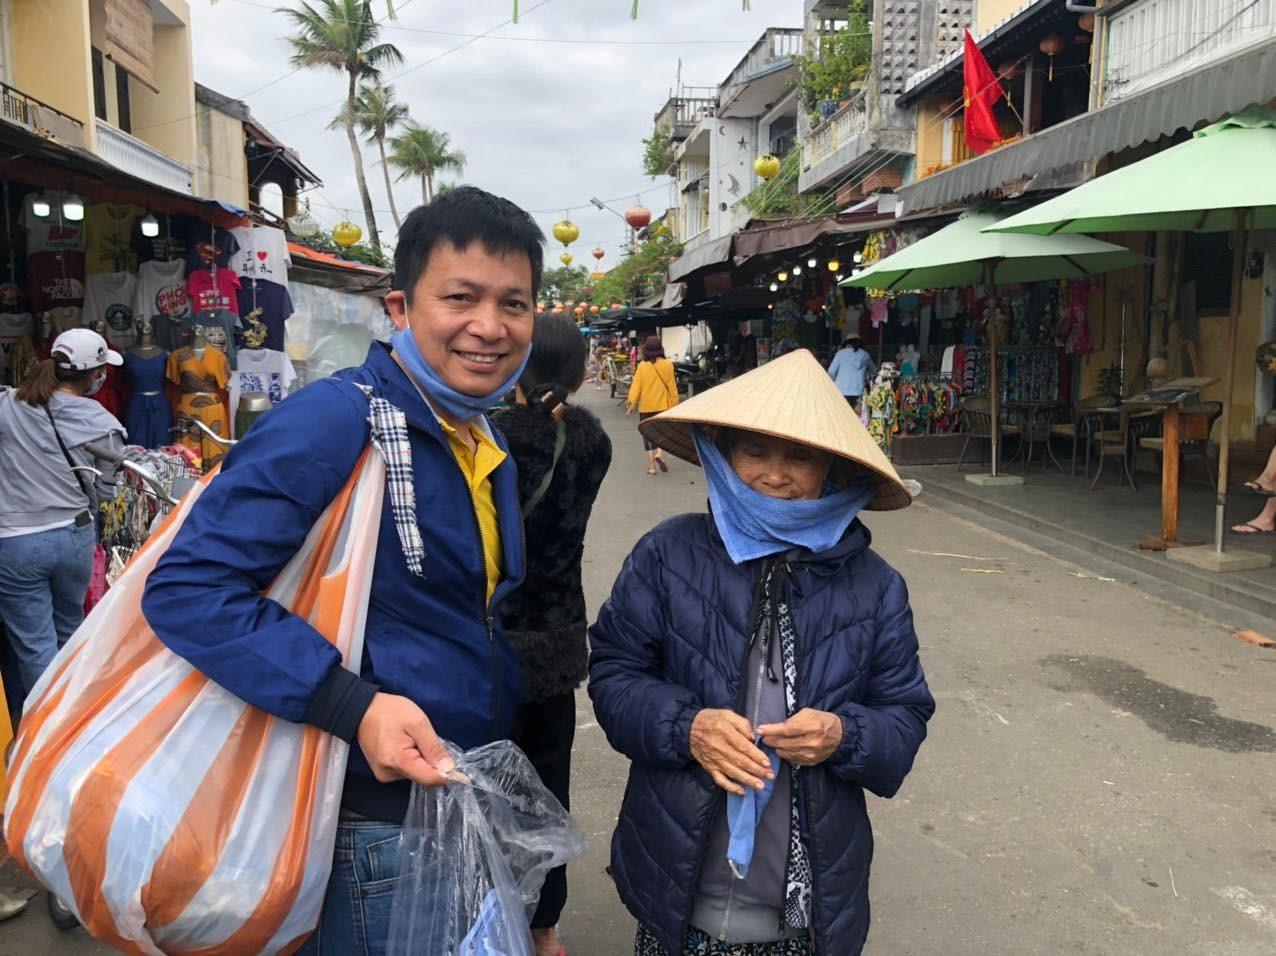 Lê Văn Chương phát khẩu trang tại chợ Hội An. (Ảnh từ nhân vật cung cấp).